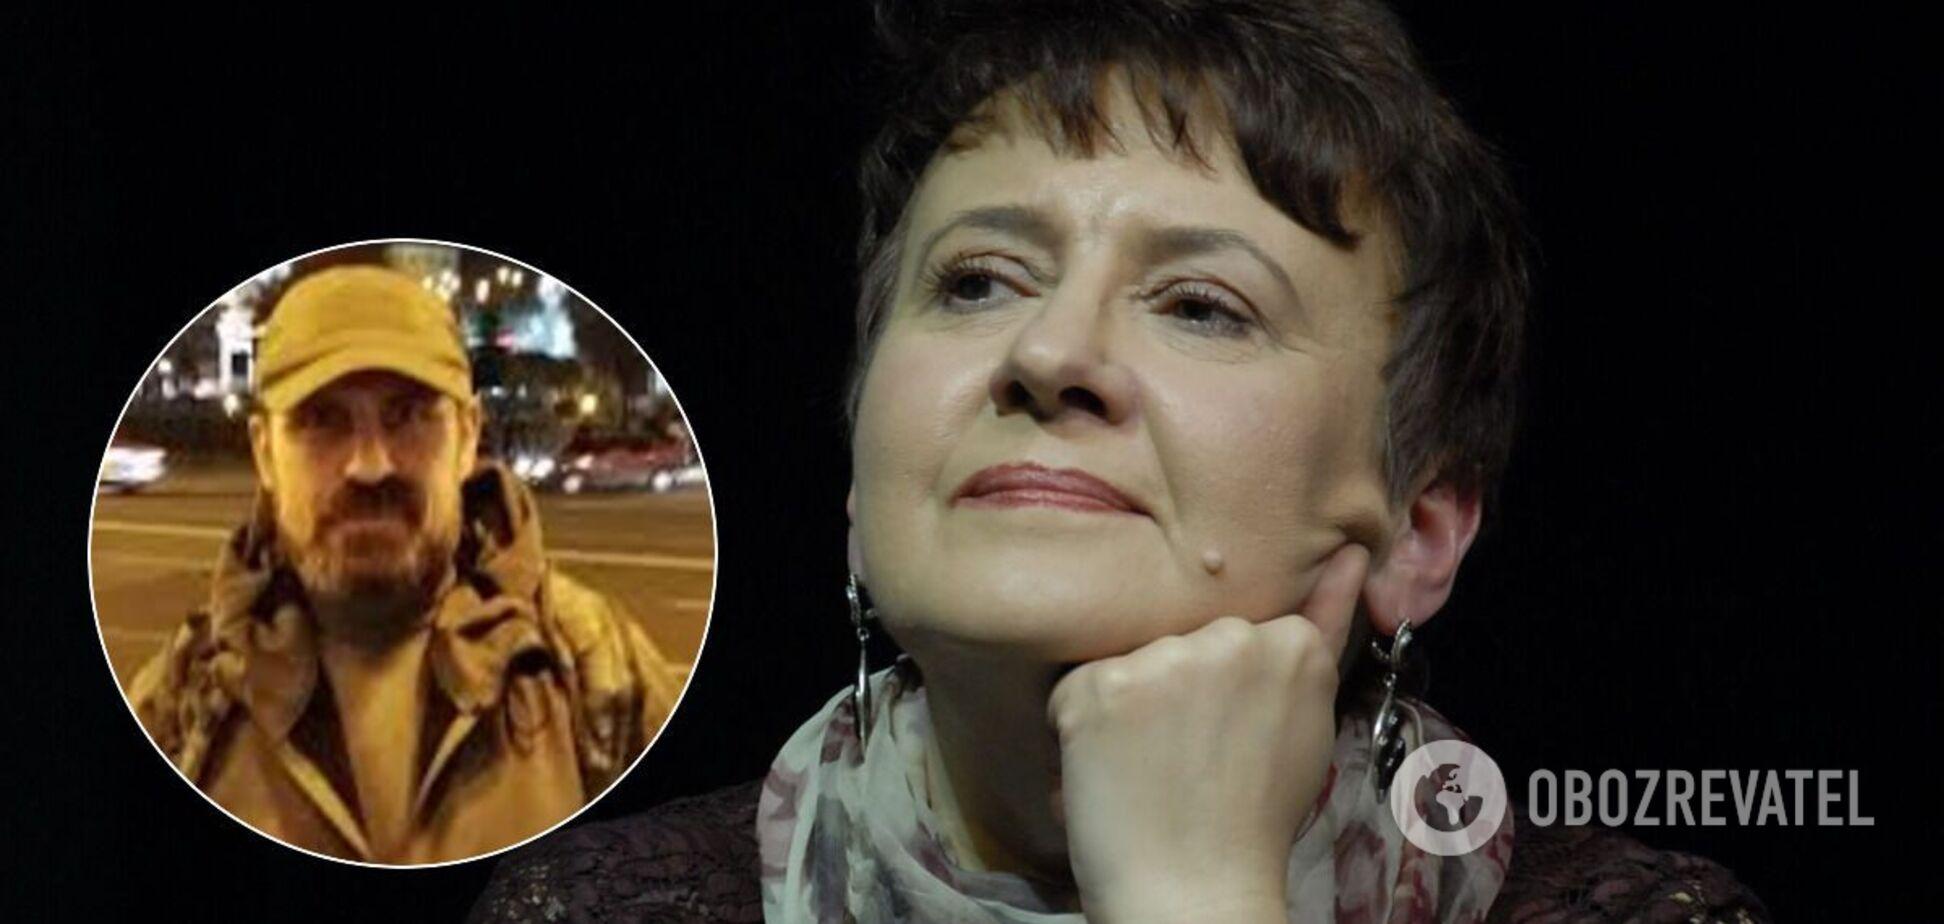 Оксана Забужко пояснила вчинок Миколи Микитенка із самоспаленням на Майдані